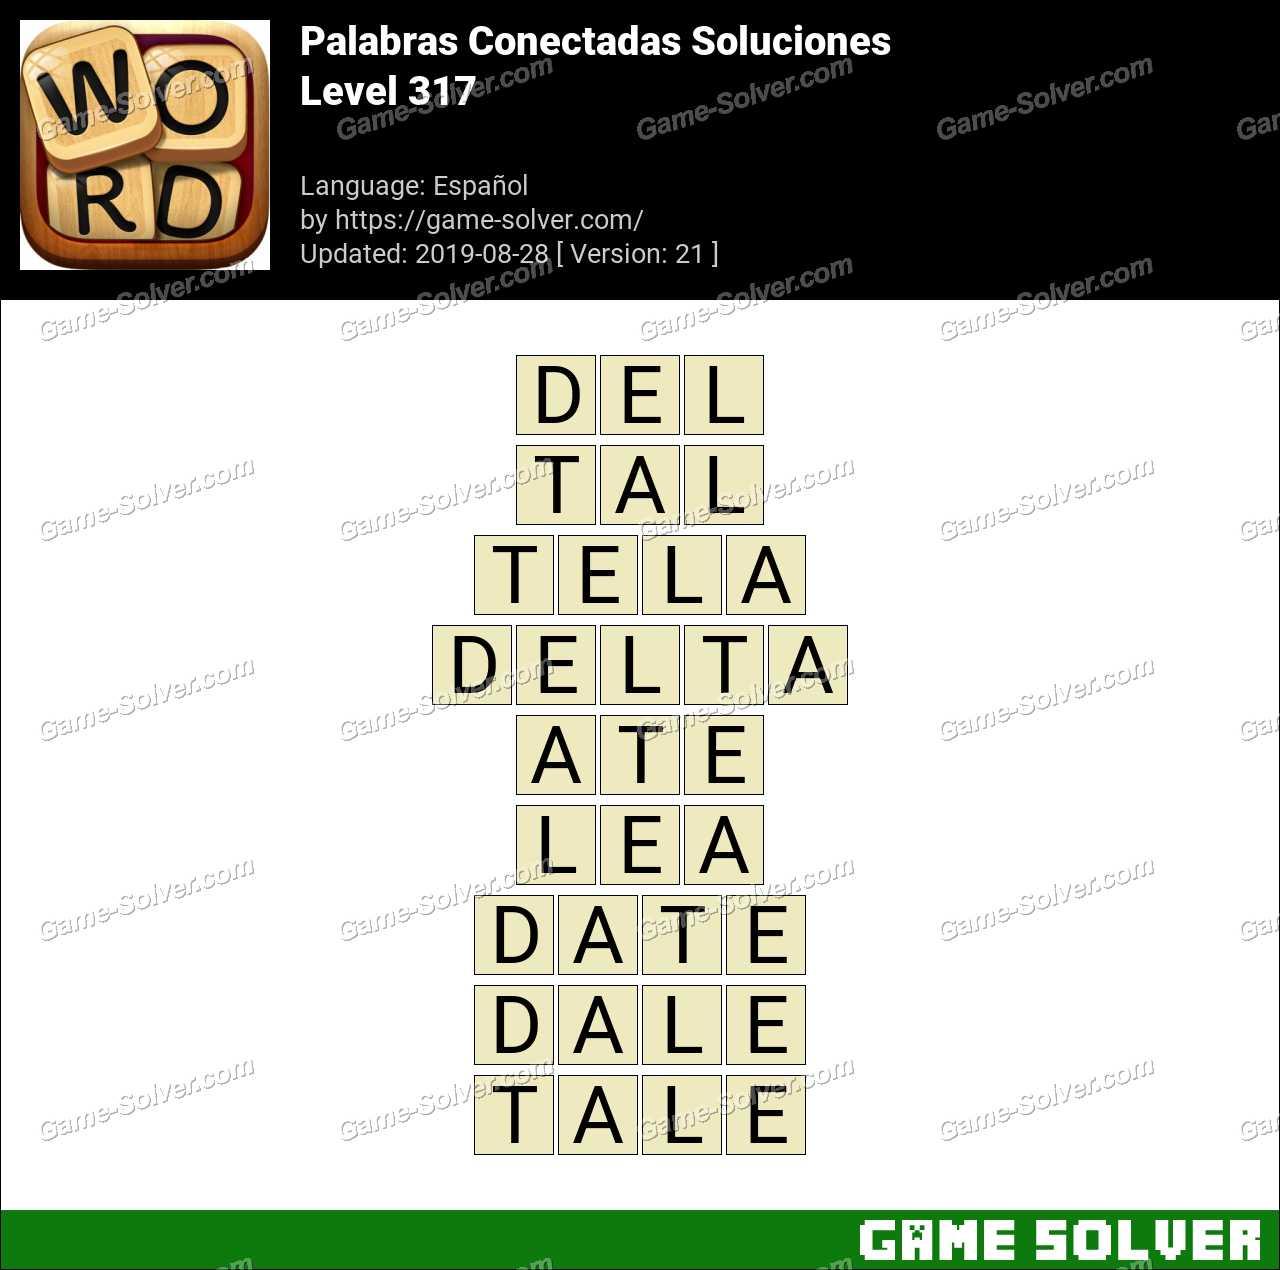 Palabras Conectadas Nivel 317 Soluciones